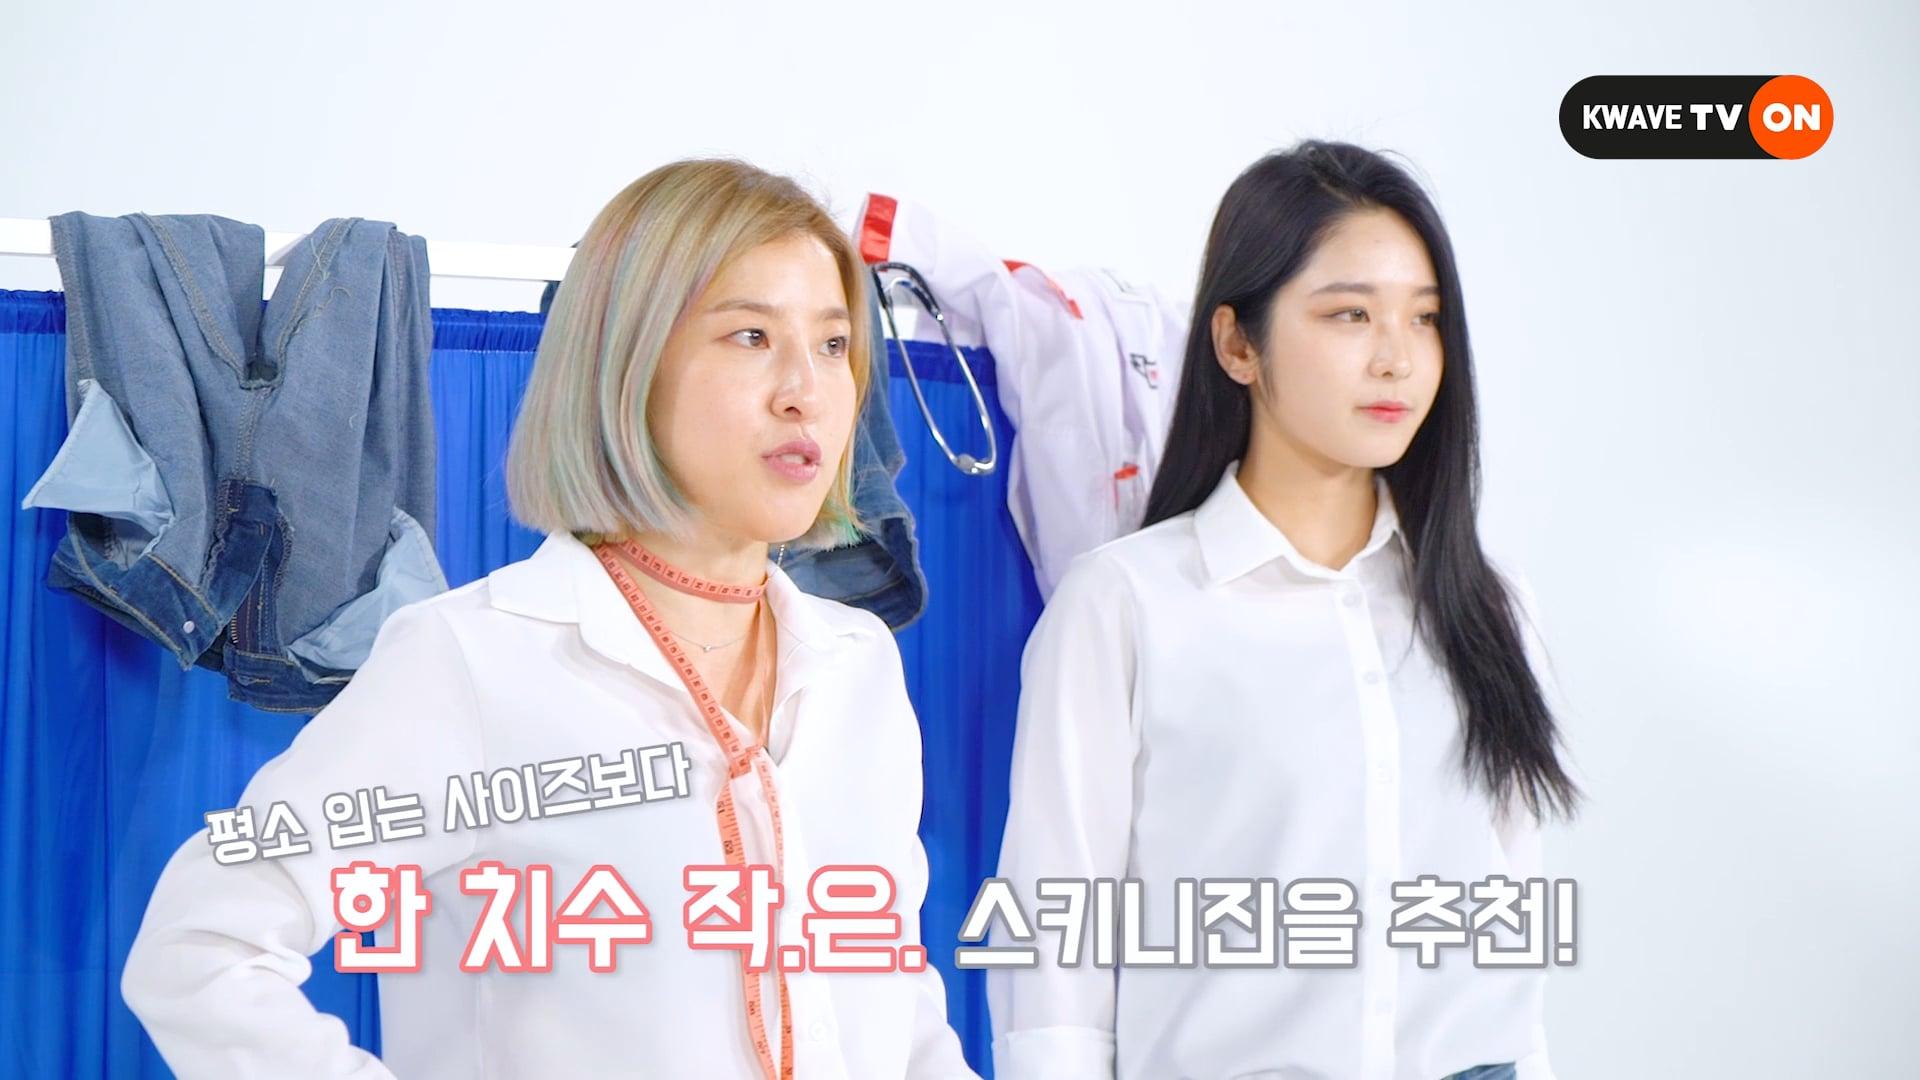 [VIRAL] [YOUTUBE] 티몬_서수경의 스타일실험실_VER_3